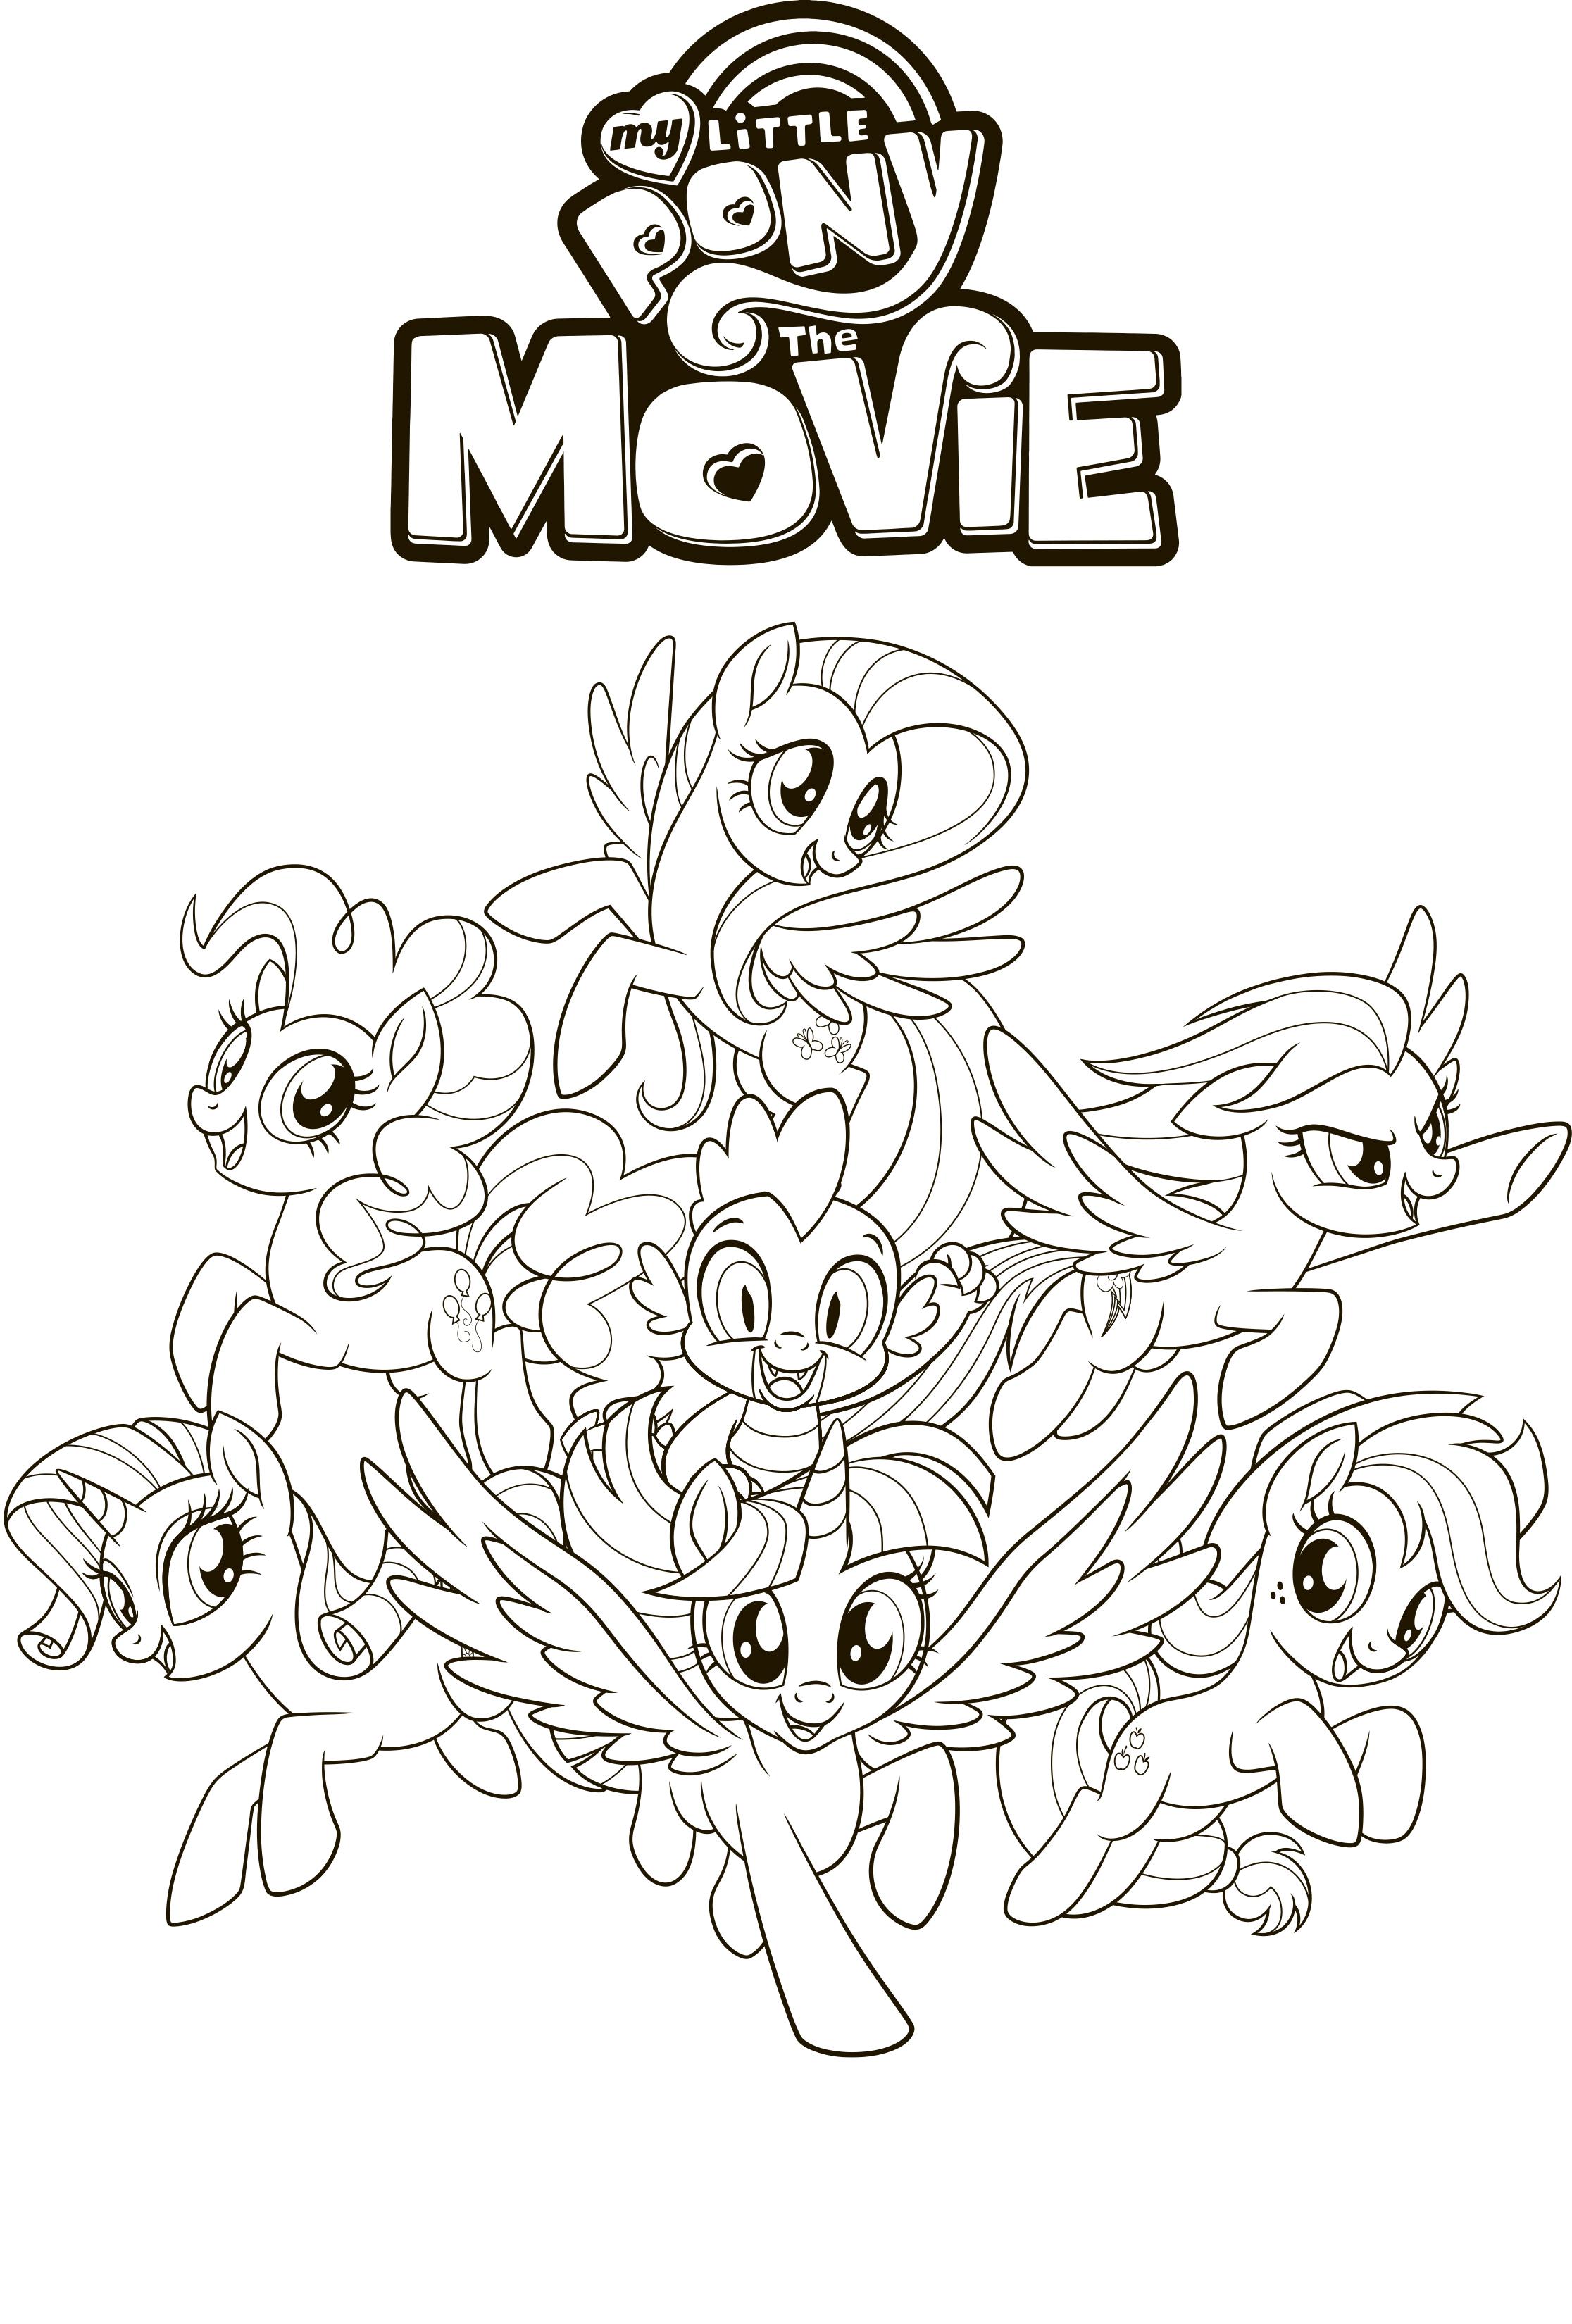 Раскраска Мой Маленький Пони в кино - Раскраски Мой ...